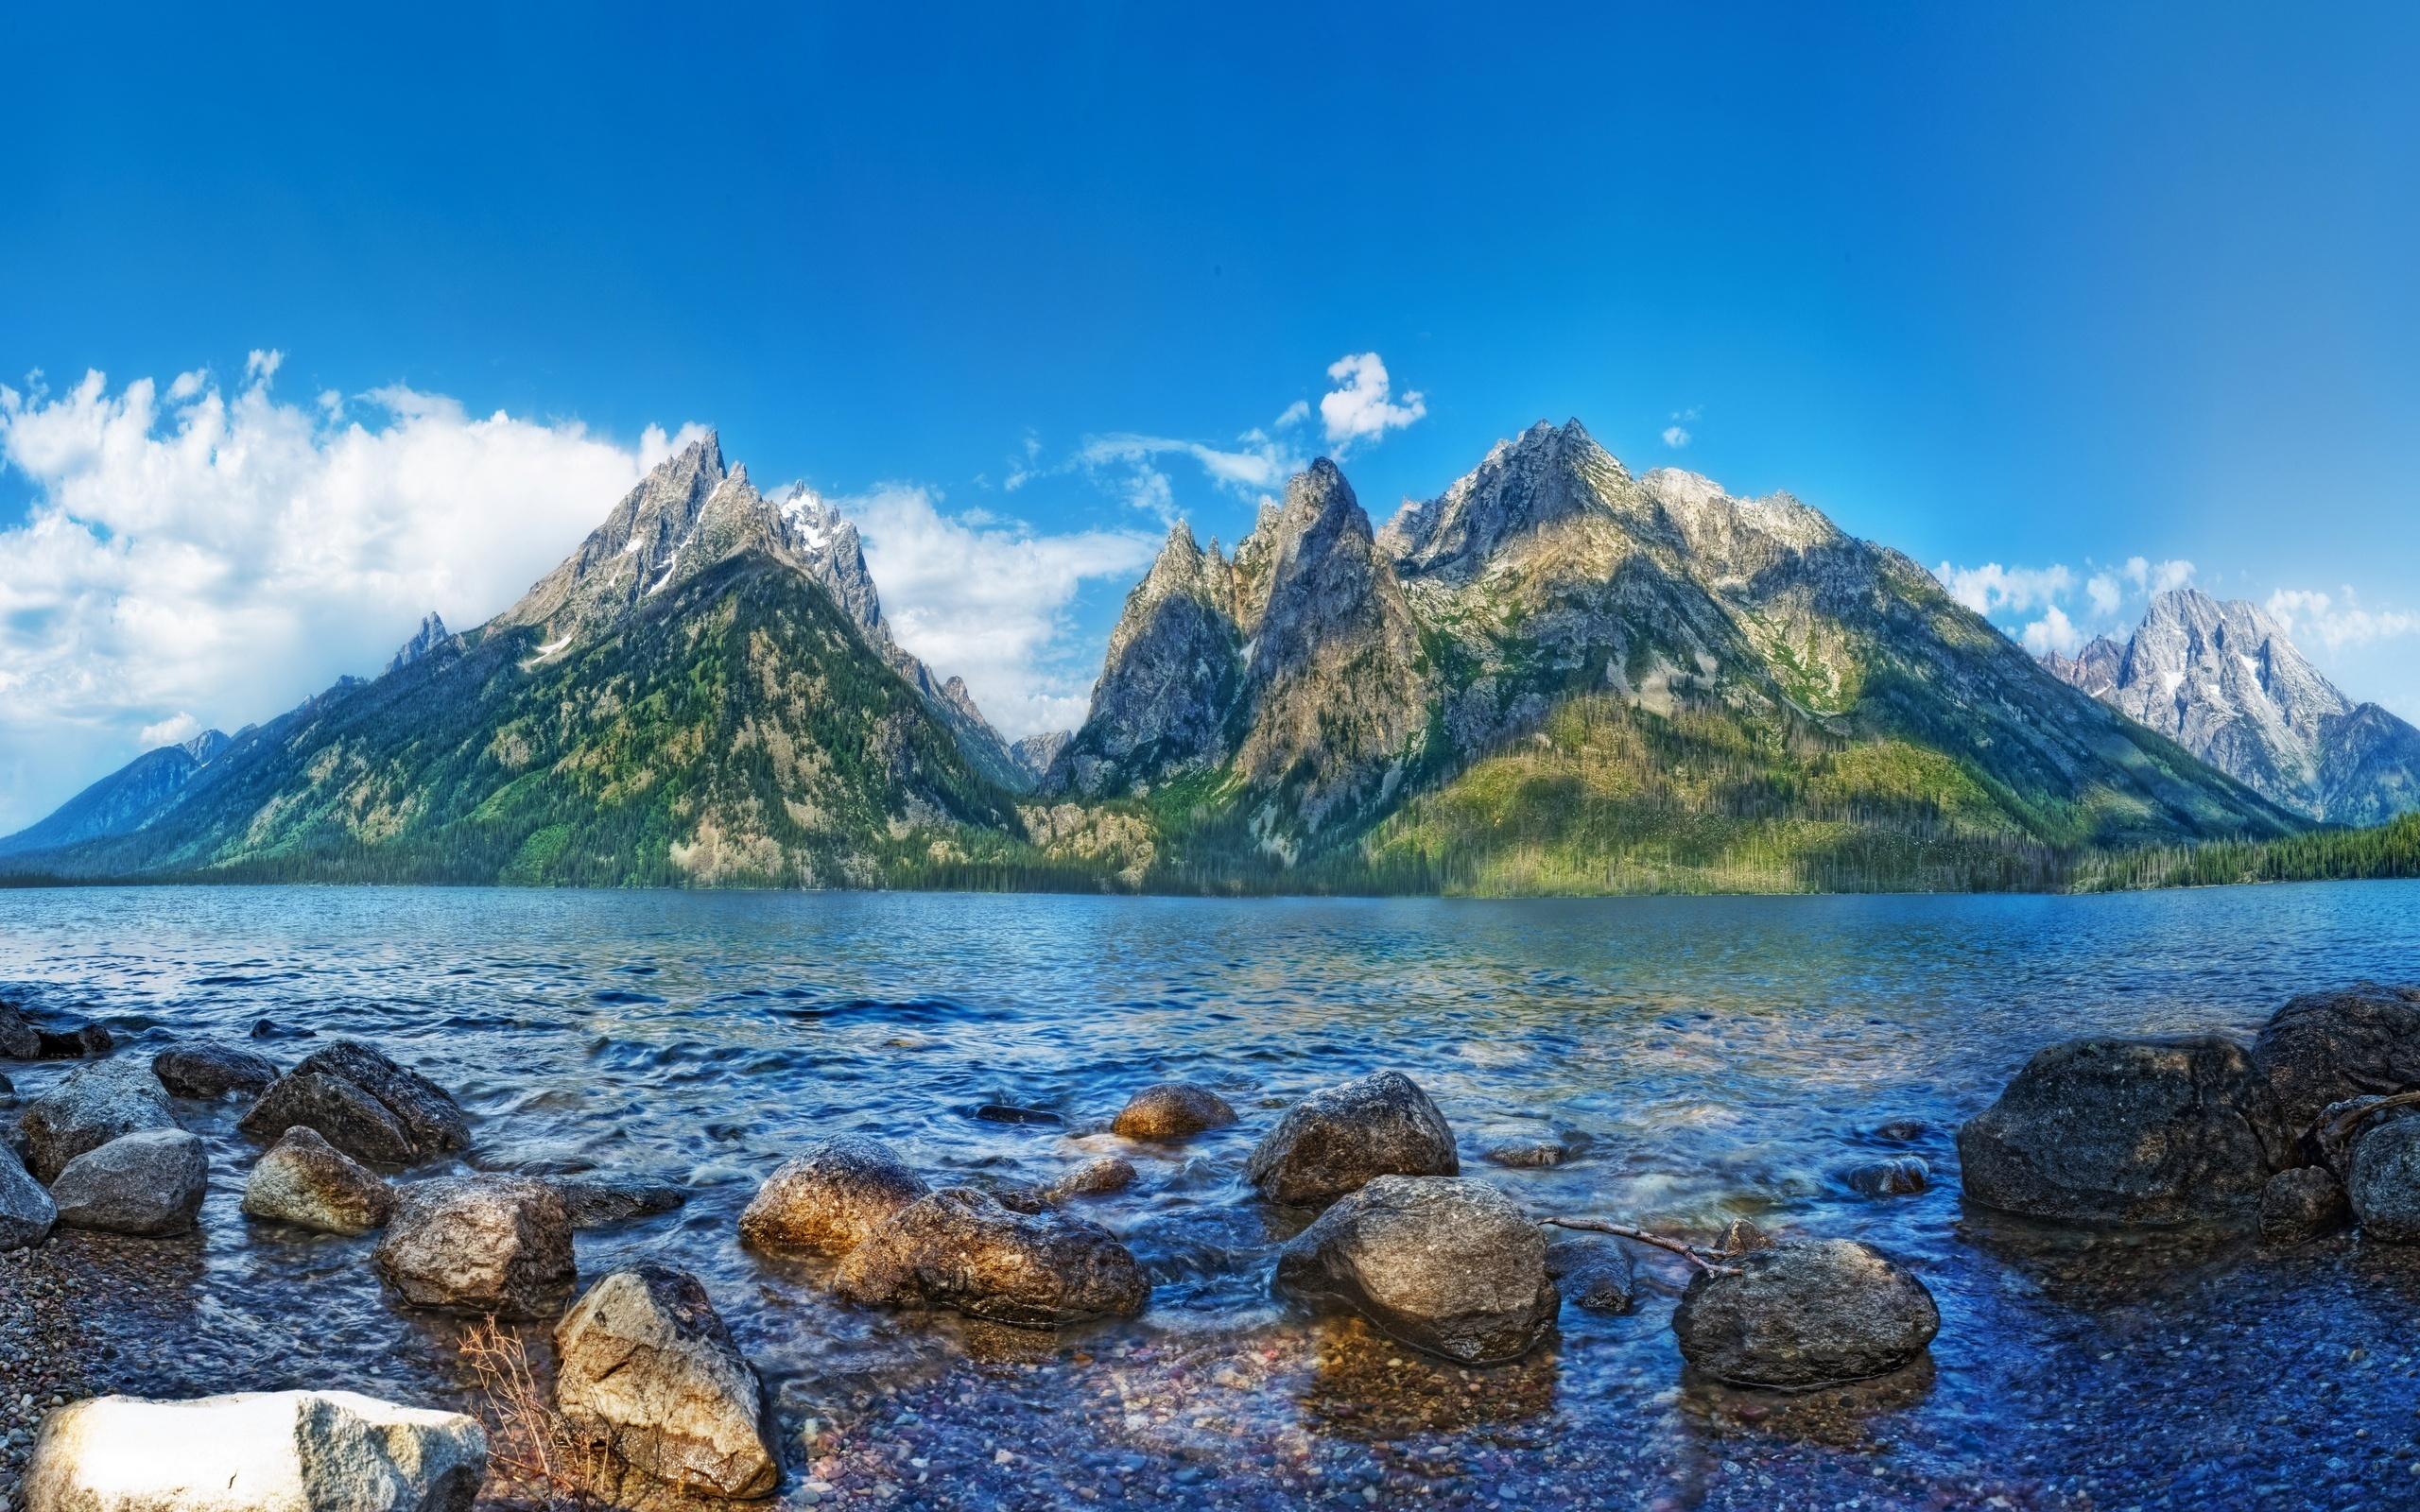 горы, облака, озеро бесплатно